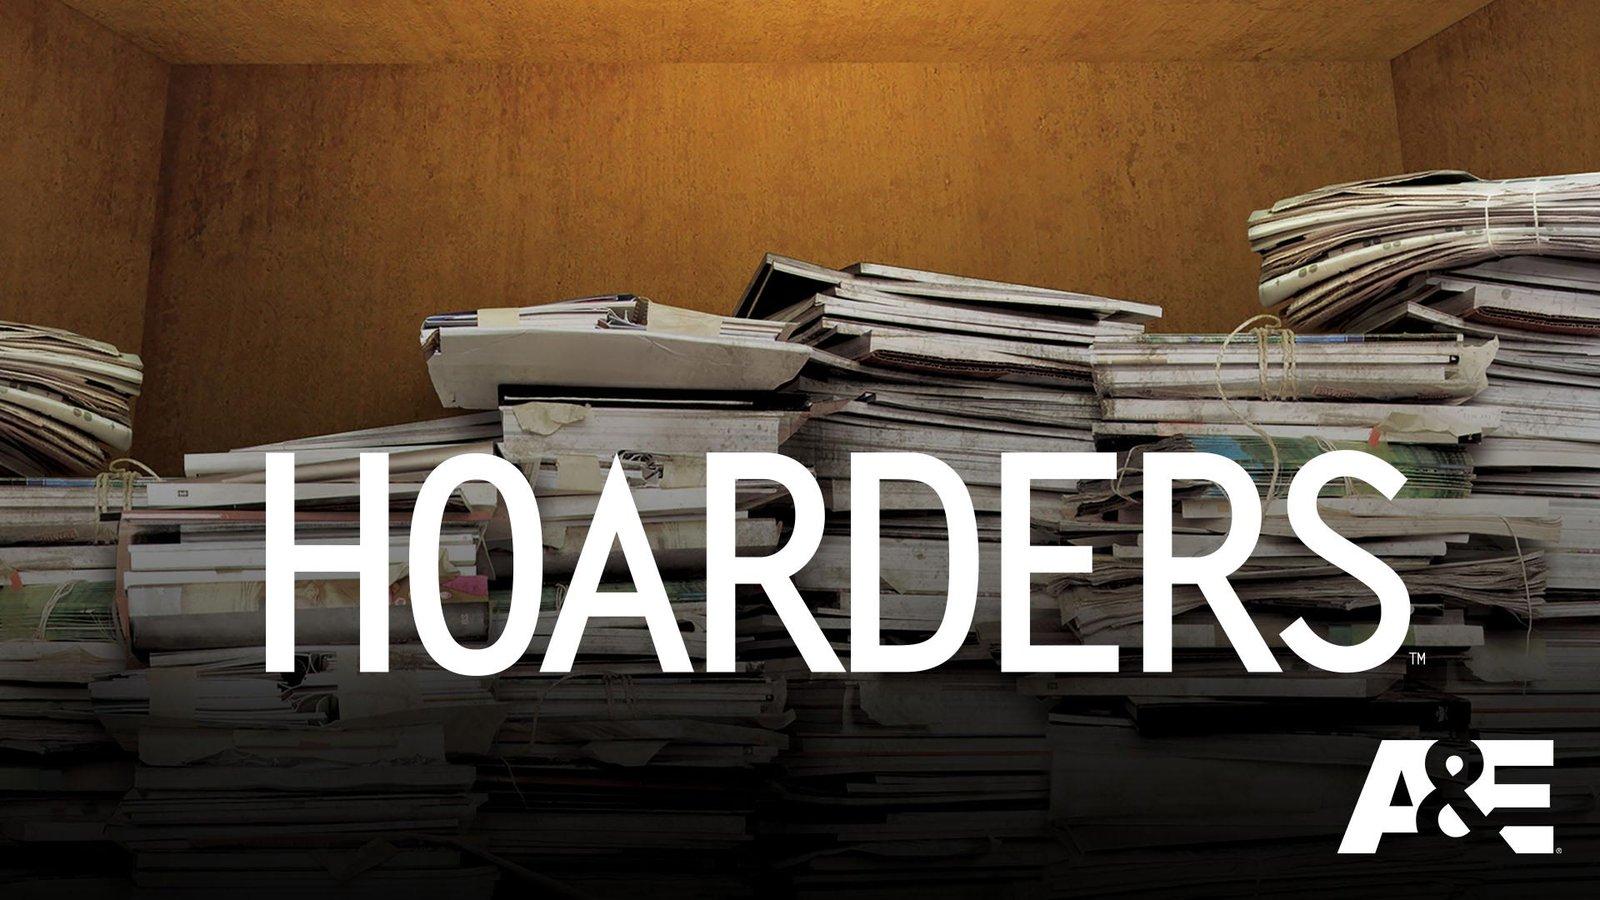 Hoarders - Season 2